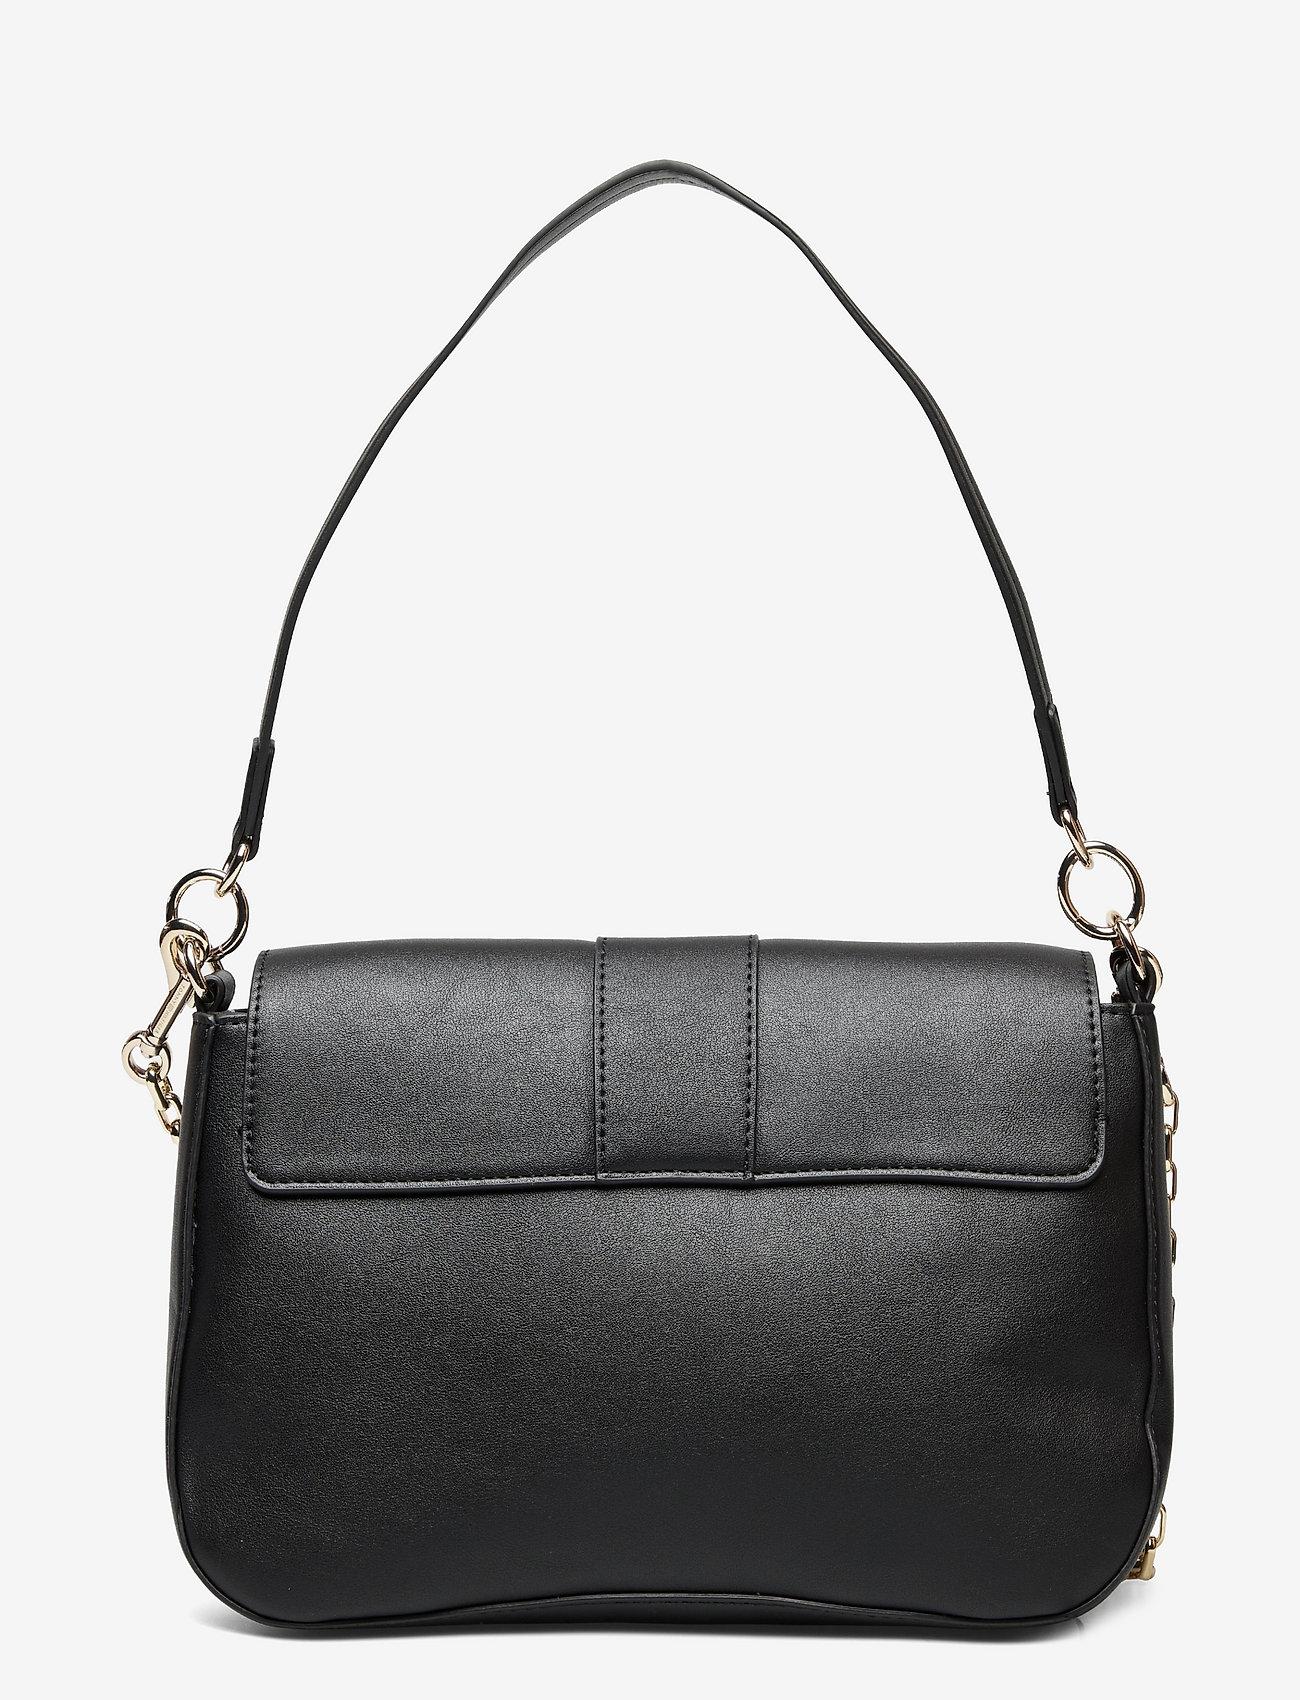 Tommy Hilfiger - TH LOCK SATCHEL - shoulder bags - black - 1